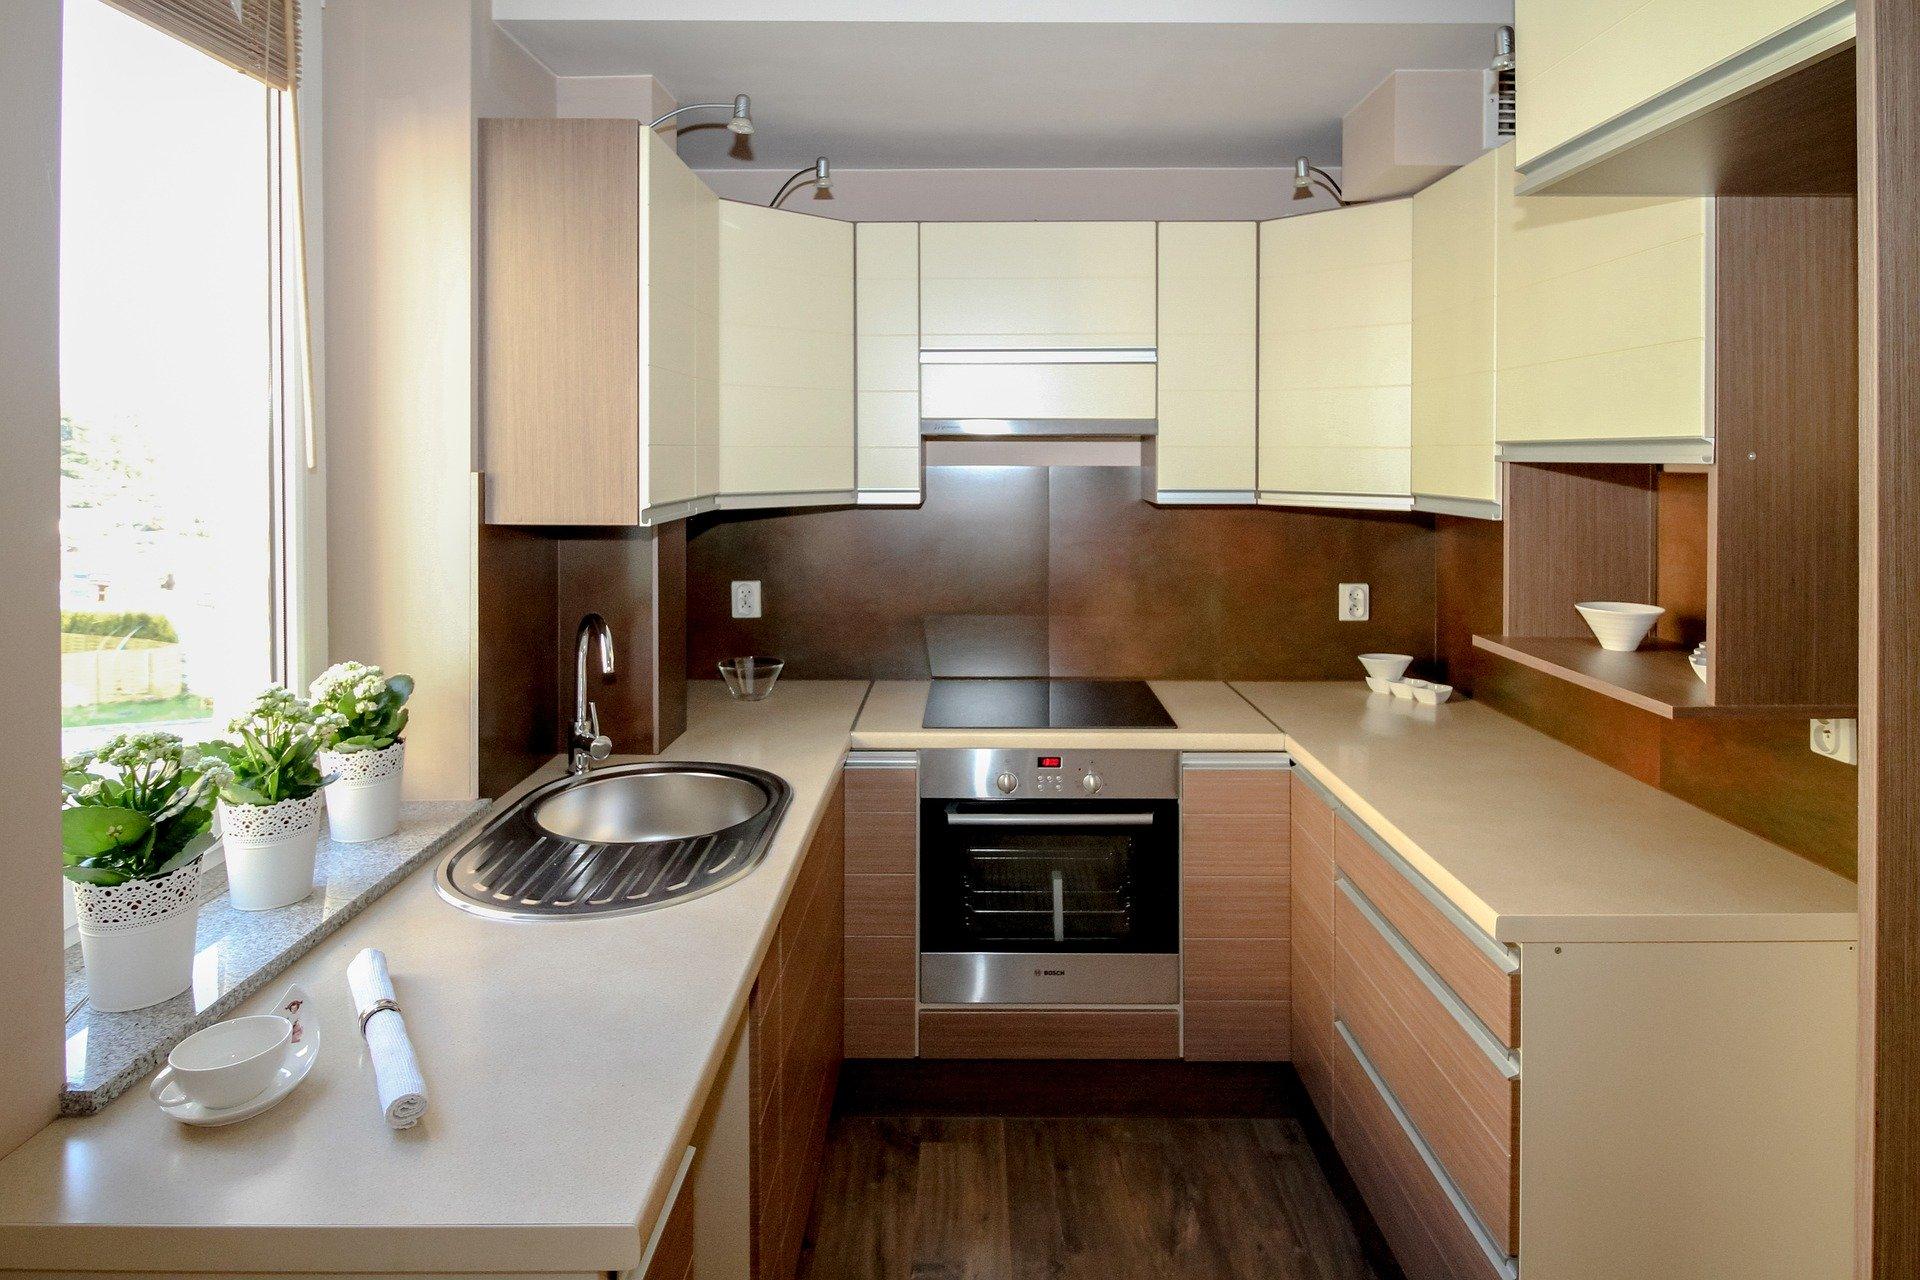 Nowoczesny design Twojej kuchni